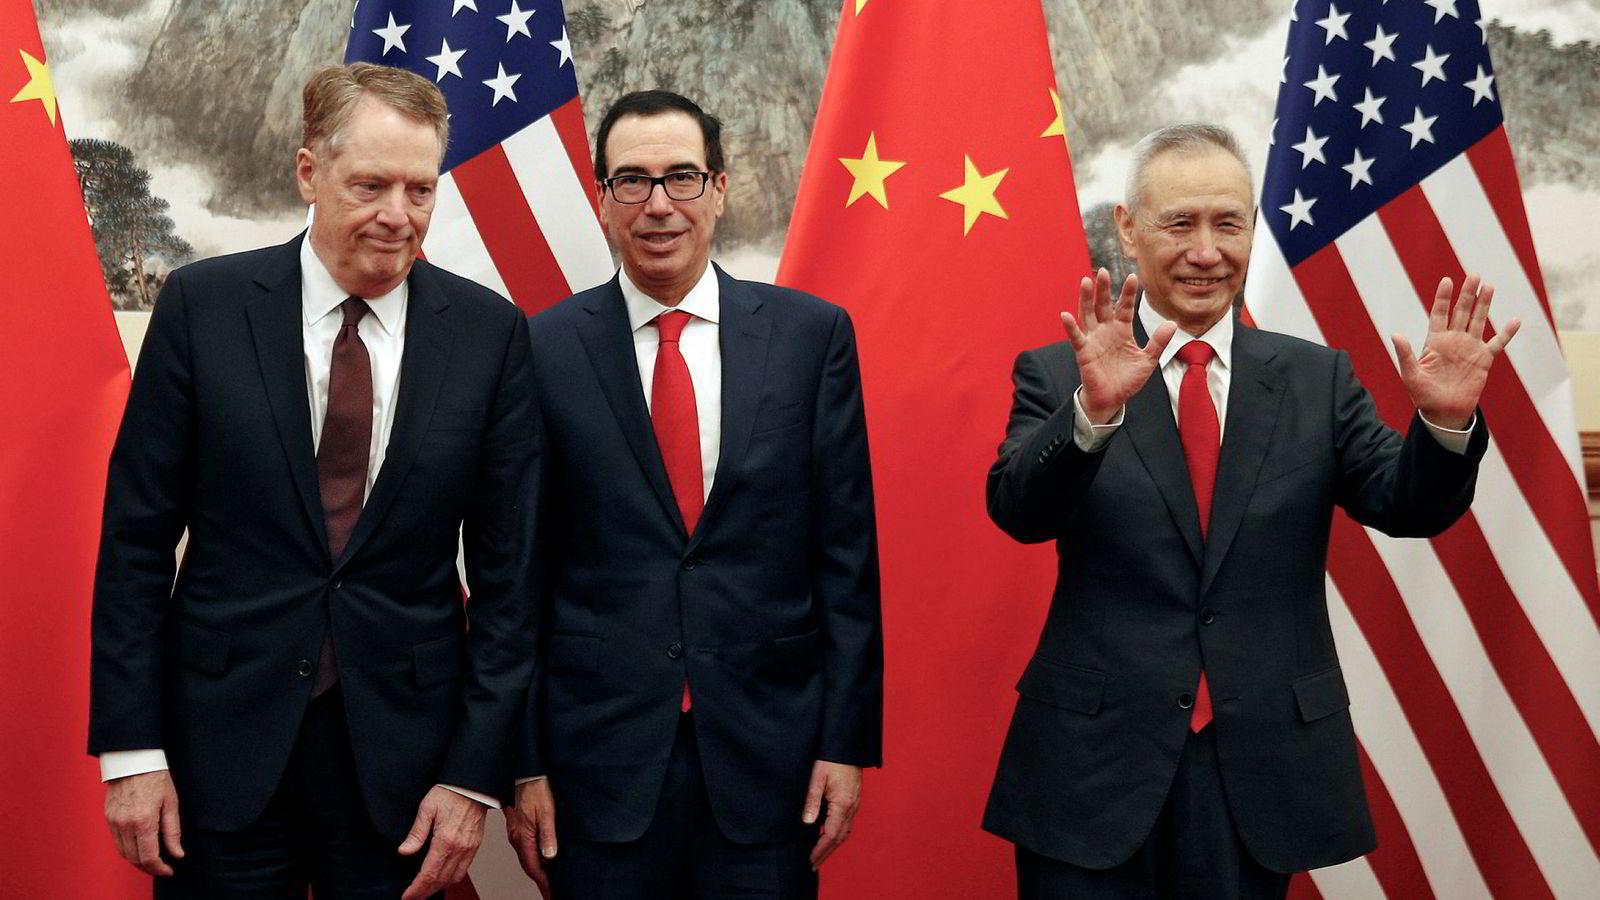 En amerikansk handelsdelegasjon ledet av finansminister Steven Mnuchin og Robert Lighthizer karakteriserte forhandlingene med Kina i forrige uke som produktive. President Donald Trump er ikke fornøyd med fremdriften.